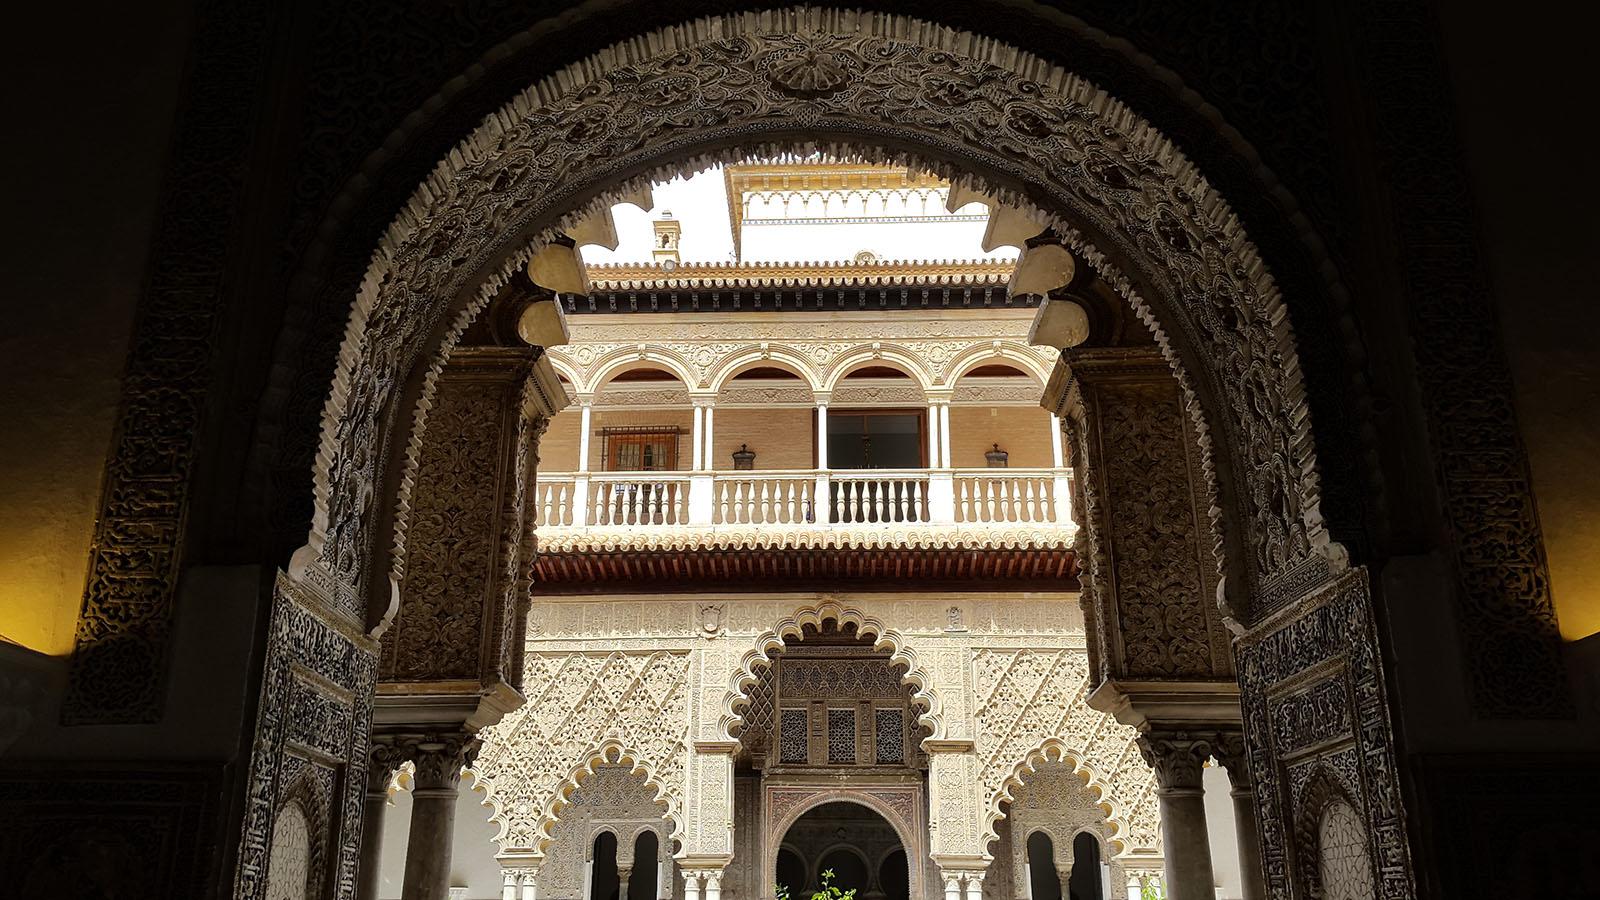 Visita a los Reales Alcázares de Sevilla | Las Mil Millas